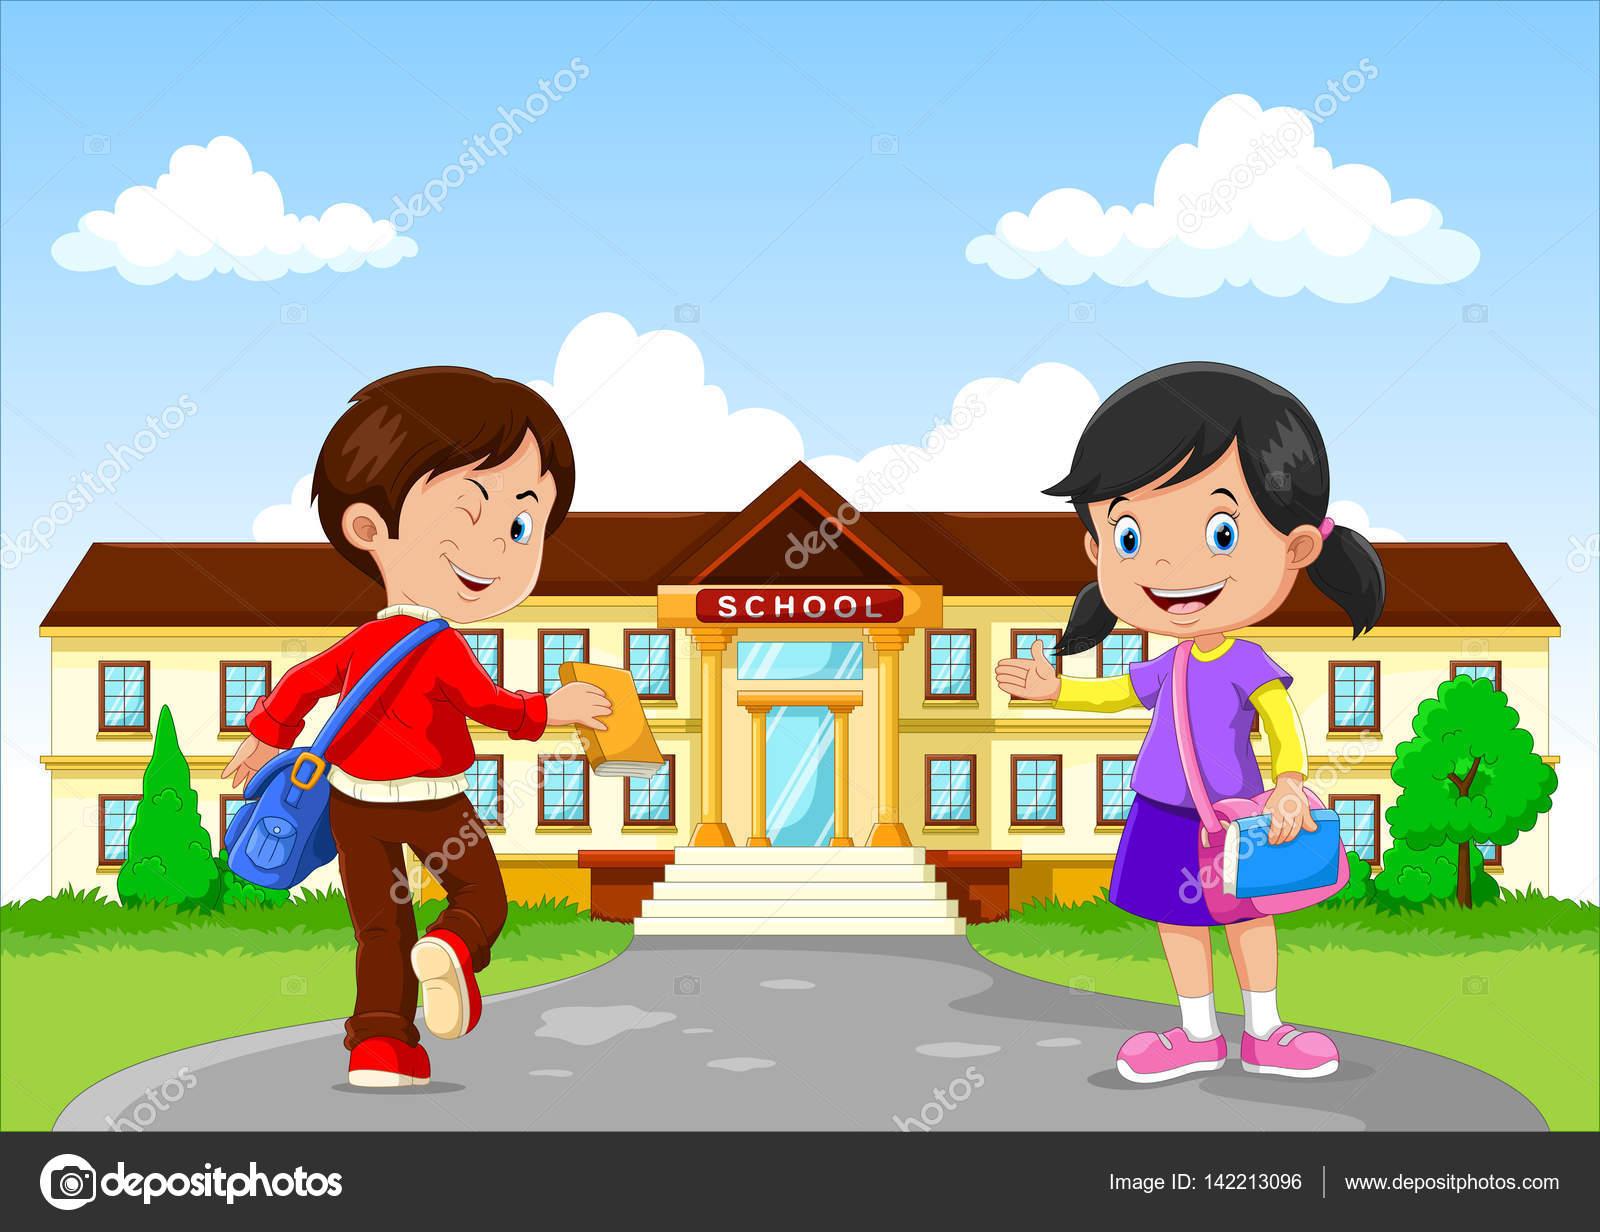 d3b24366d9 Εικονογράφηση διάνυσμα ευτυχισμένη λίγο τα παιδιά και τσάντες και βιβλία  για το σχολικό κτίριο φόντο — Διάνυσμα με ...